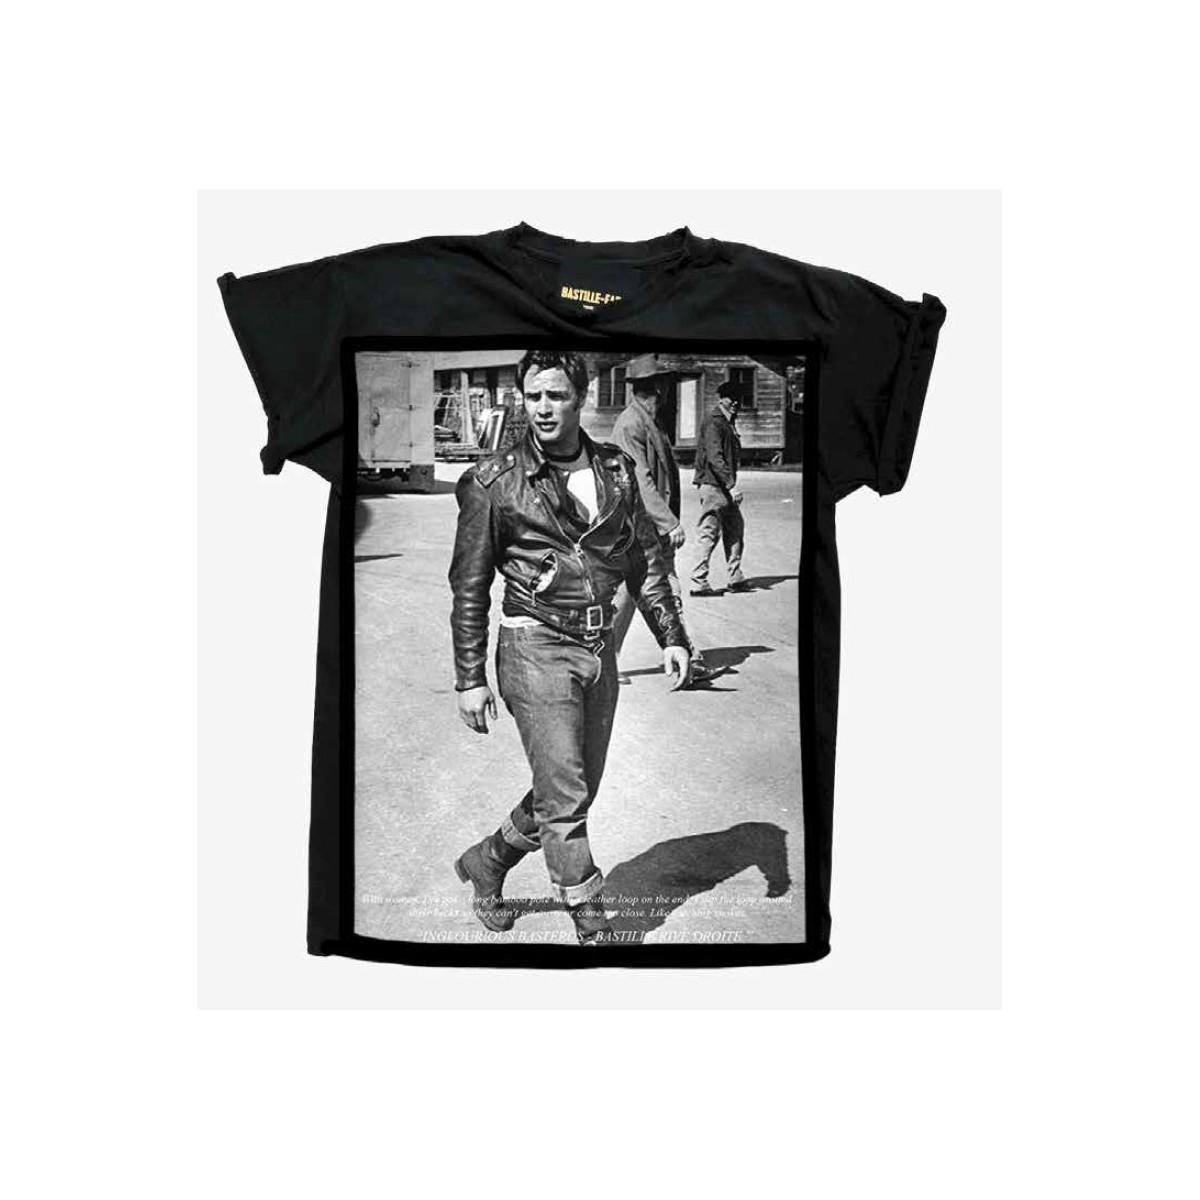 T-shirt - Icon black marlon